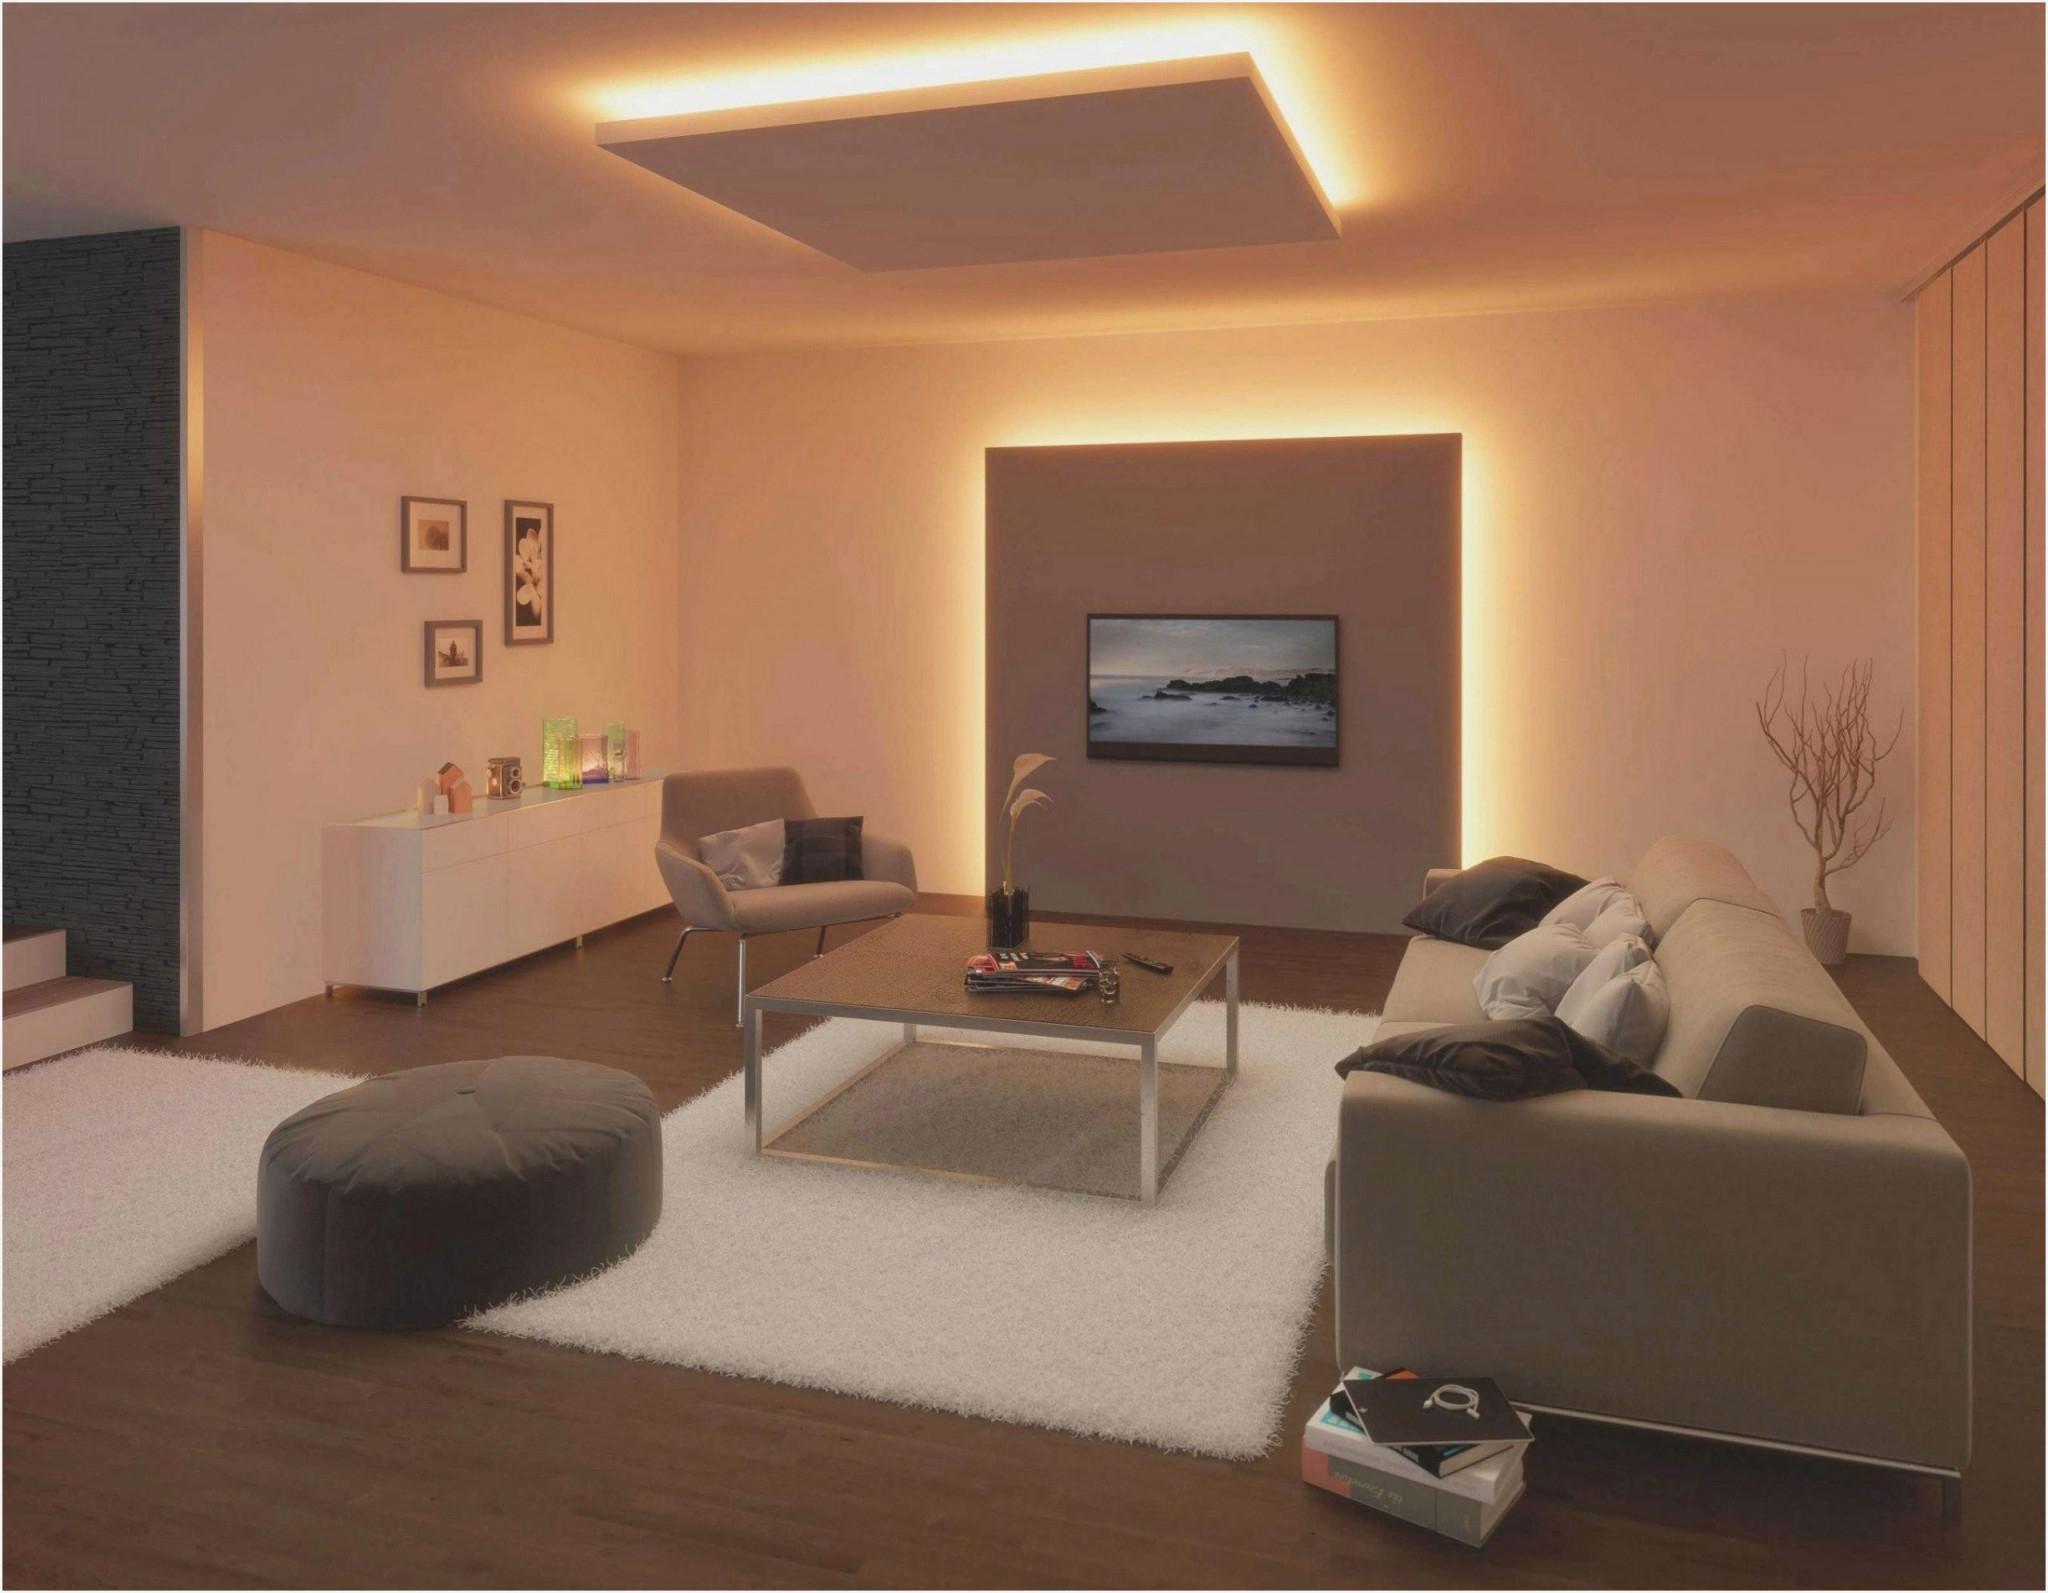 Beleuchtung Wohnzimmer L Form Einrichten  Wohnzimmer von L Wohnzimmer Einrichten Bild